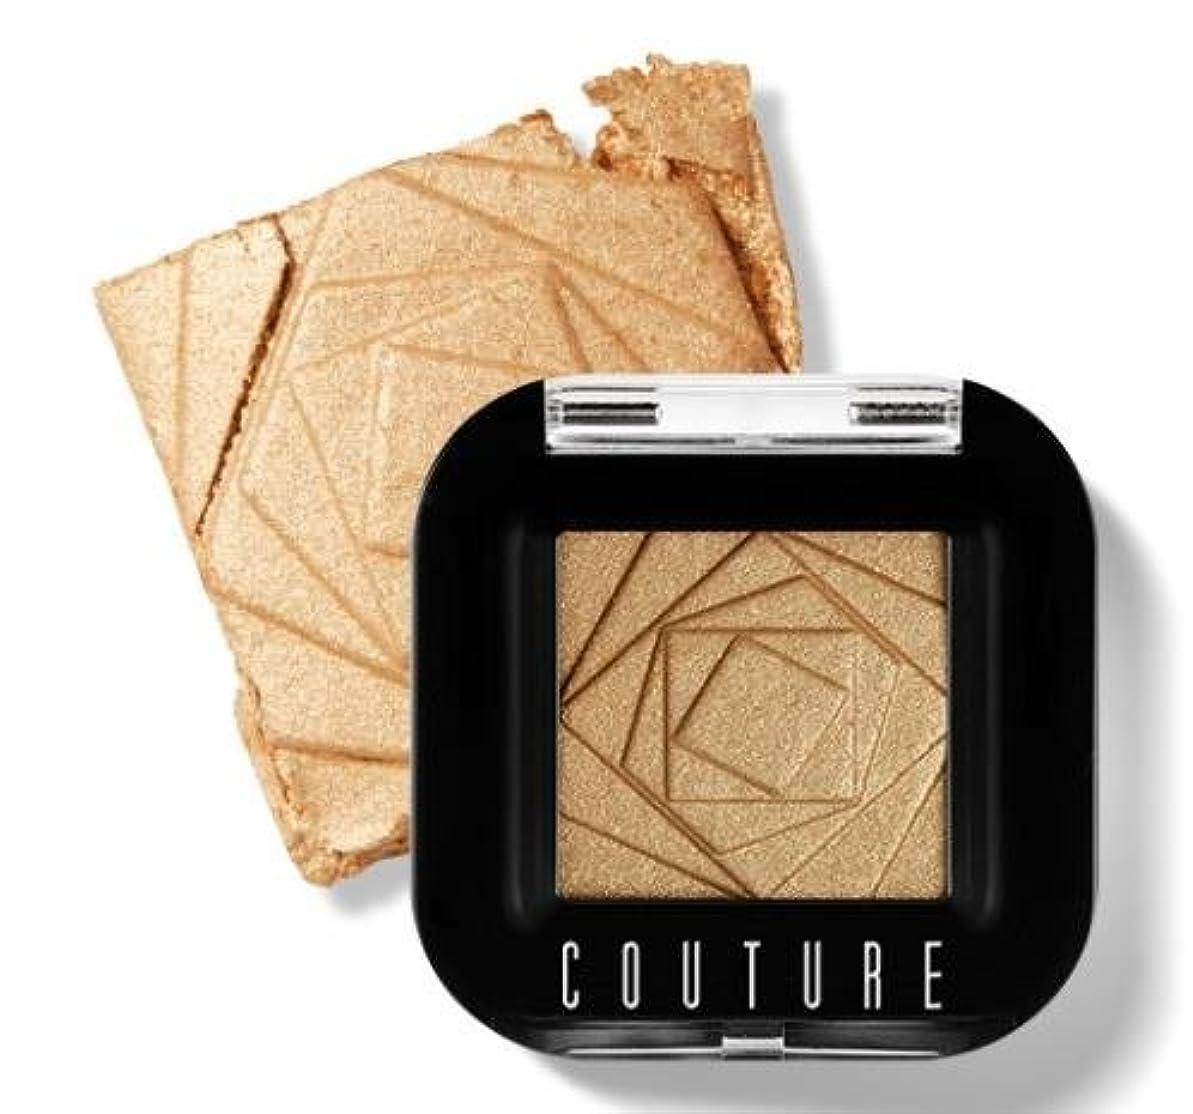 請求可能突き出す劣るAPIEU Couture Shadow (# 2) オピュ クチュールシャドウ [並行輸入品]